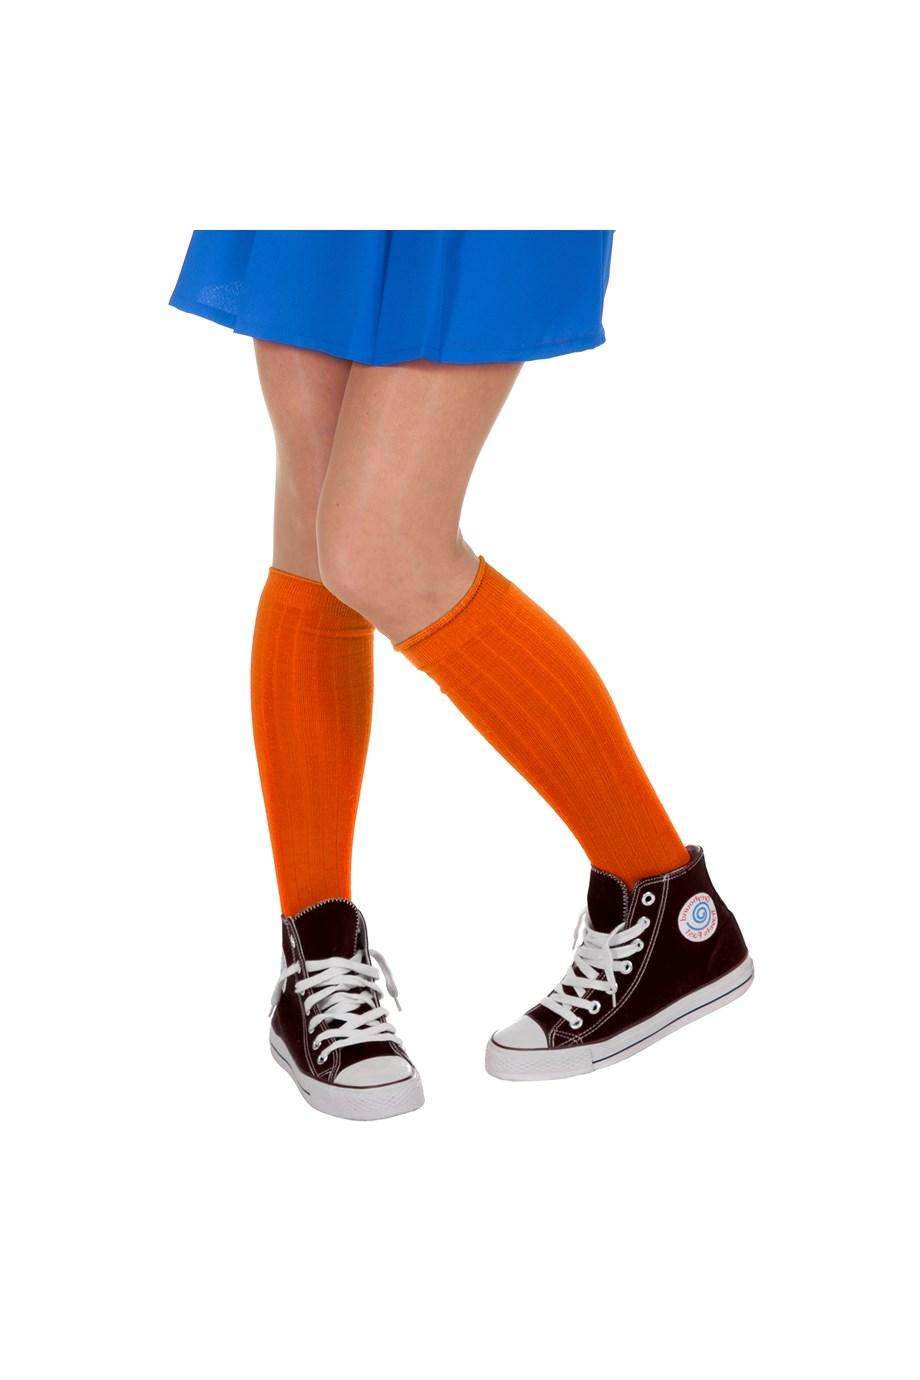 Voetbal sokken oranje